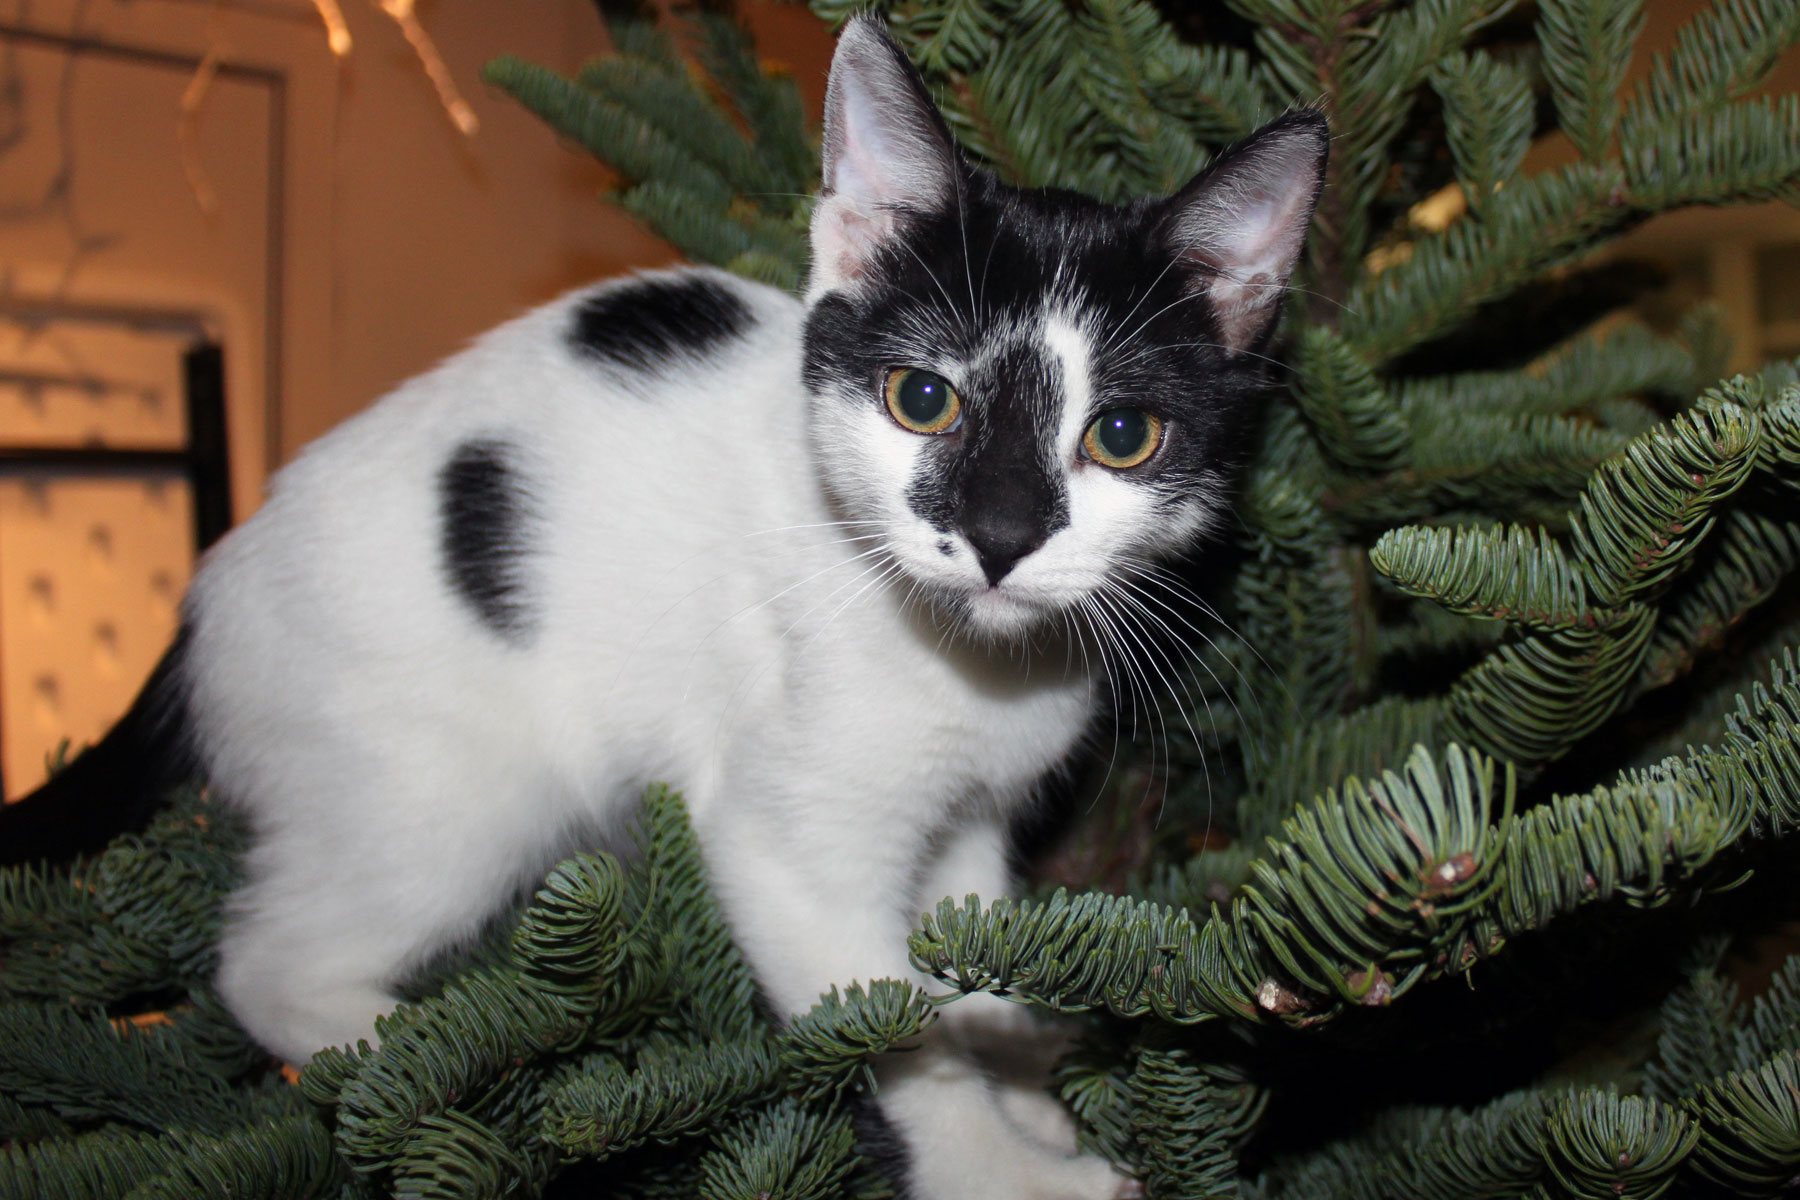 Merry Little Catsmas